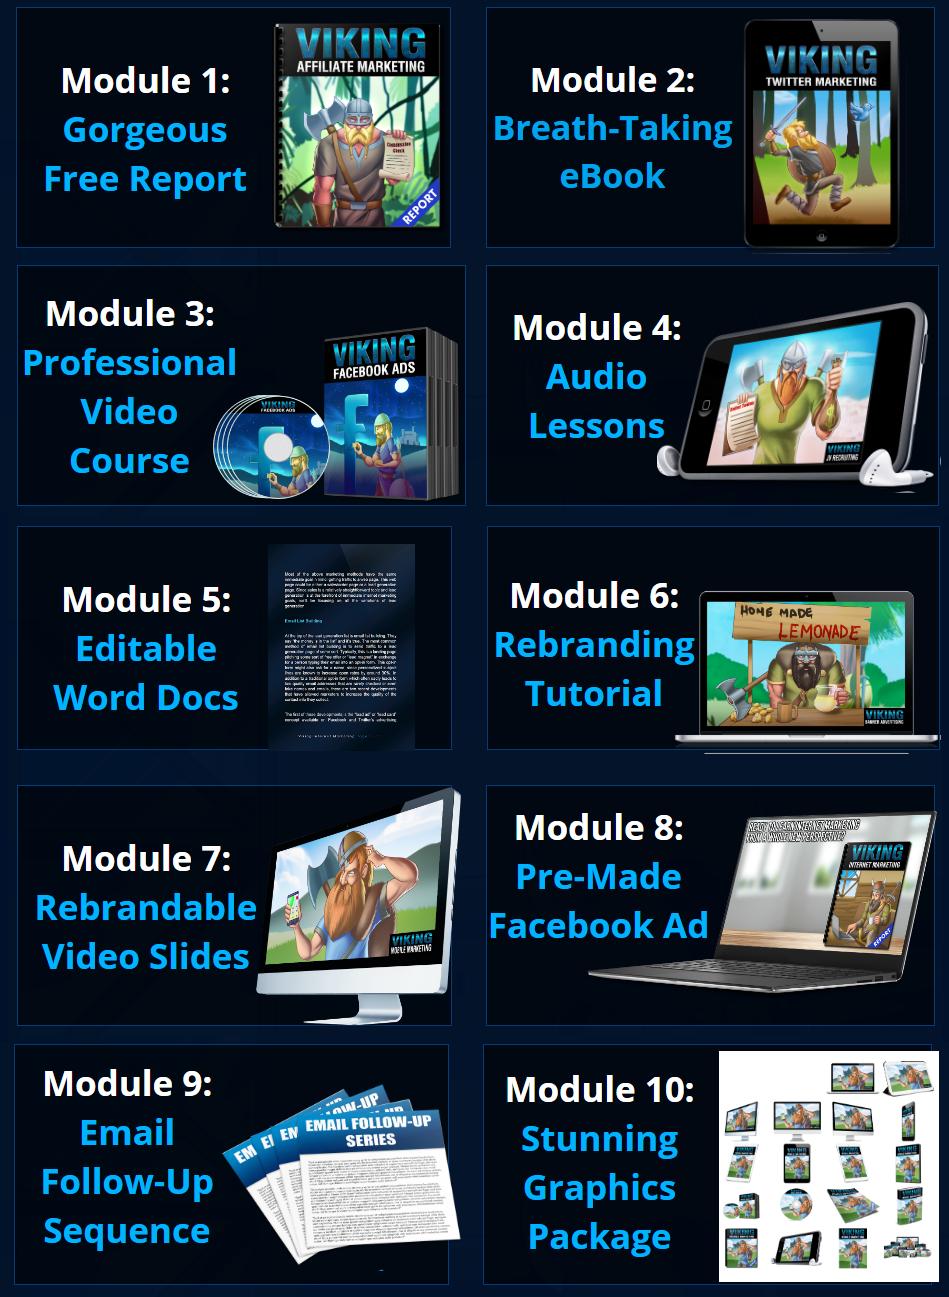 vplr-modules